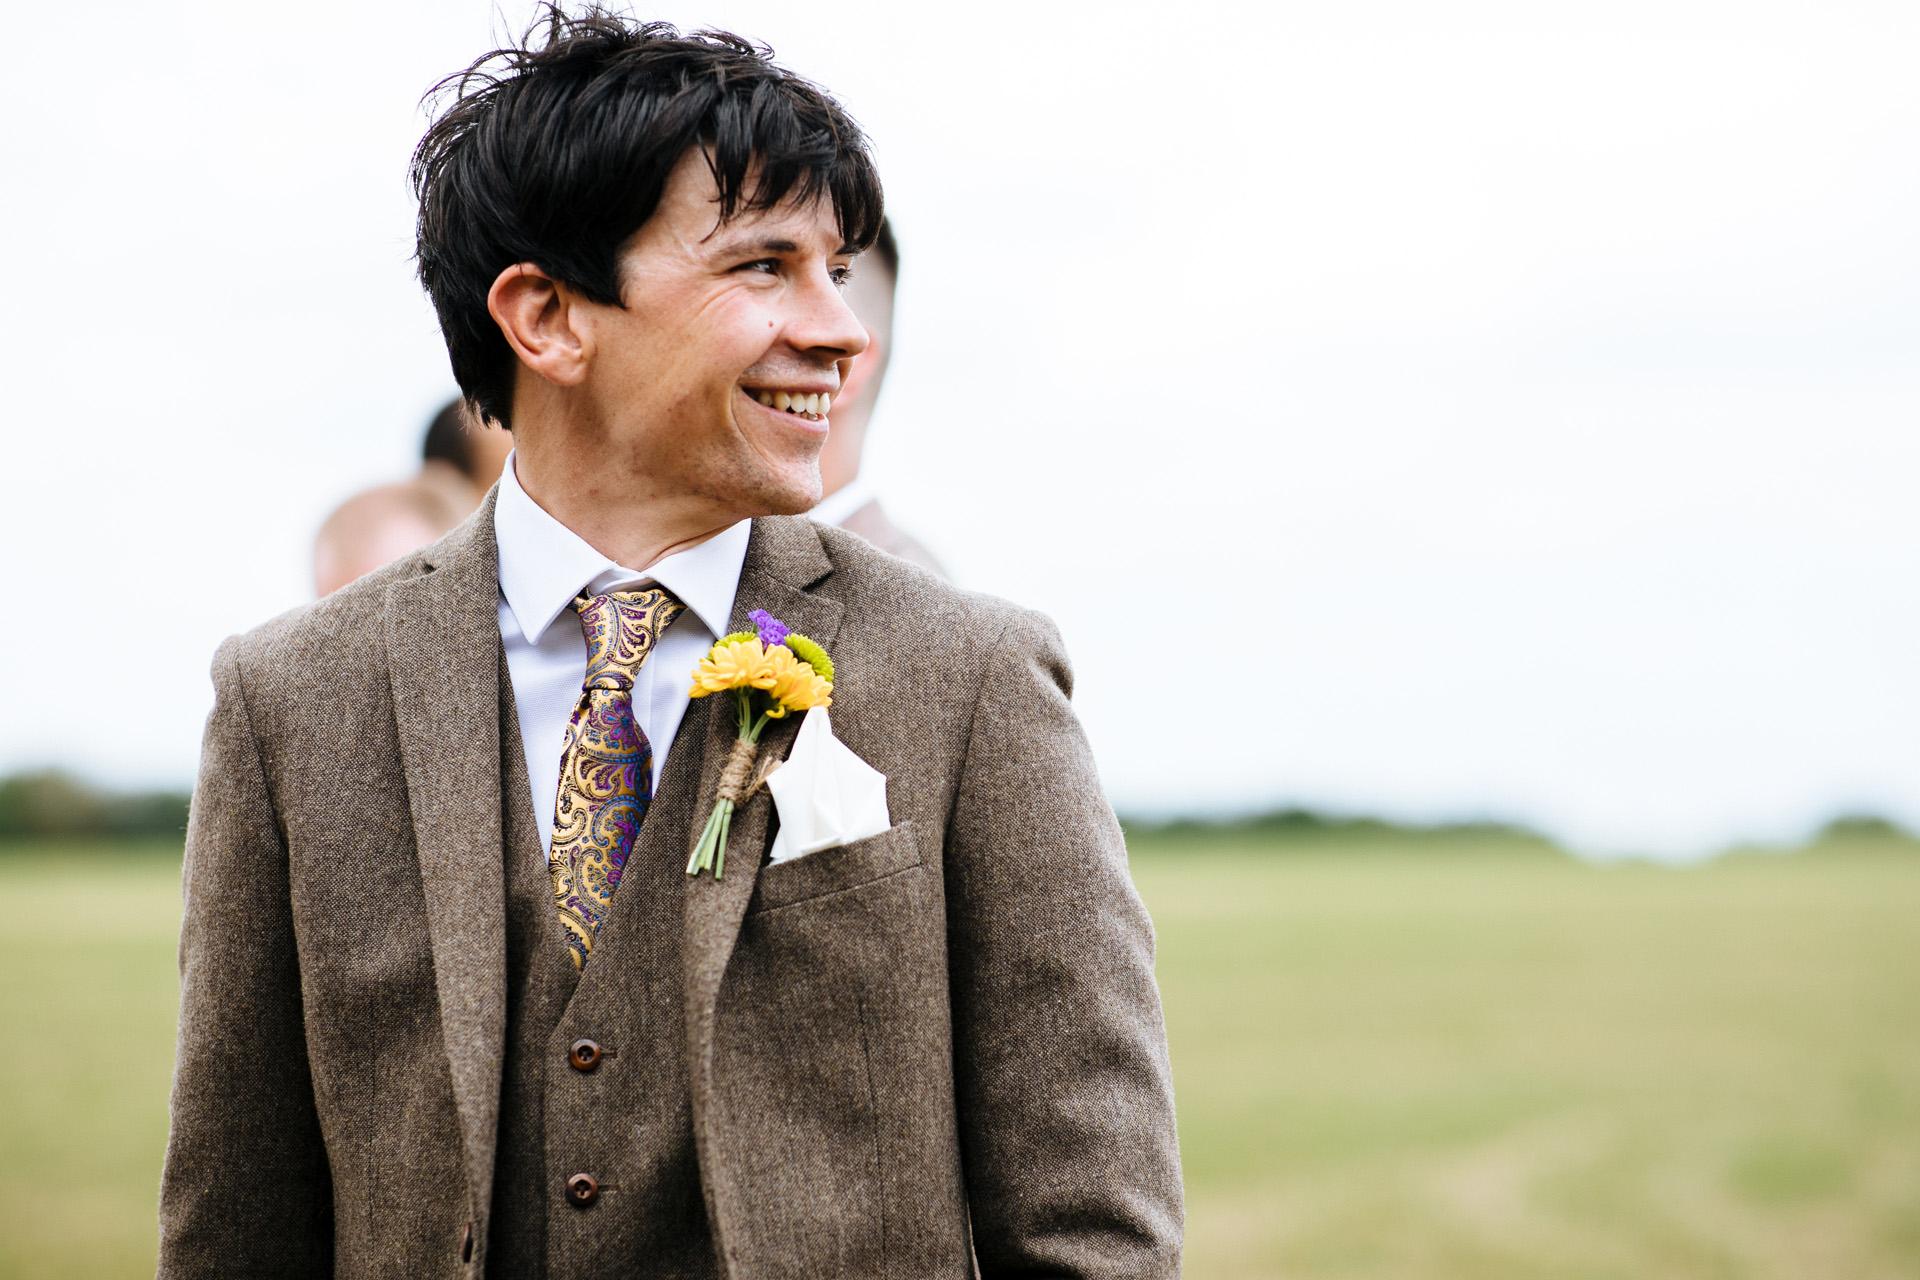 groom in brown tweed suit looking down the aisle smiling